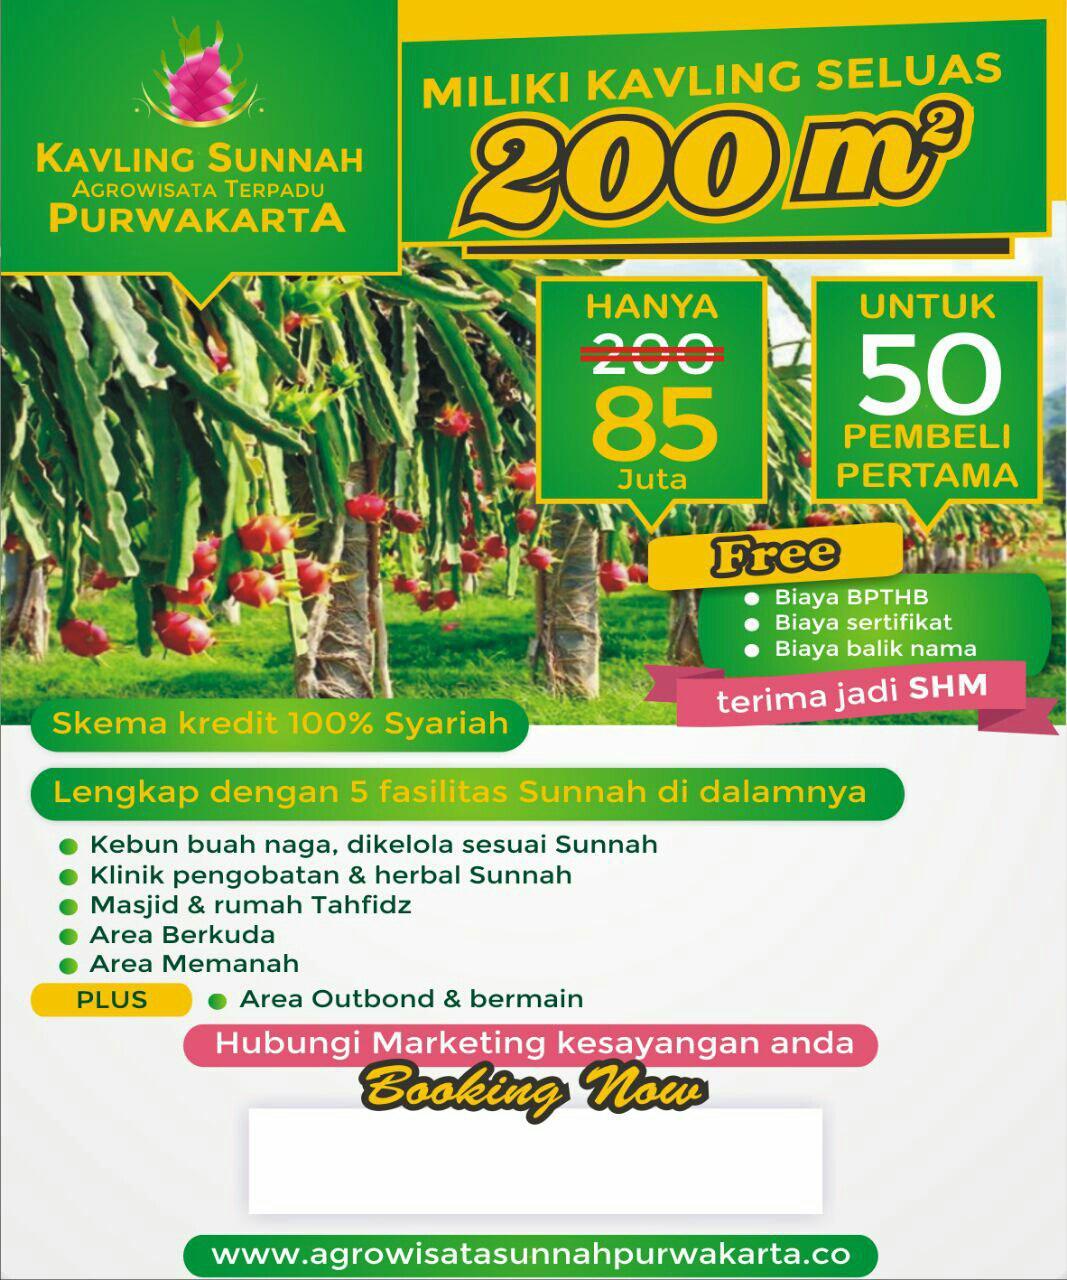 Kavling Sunnah Purwakarta Softlaunching 12